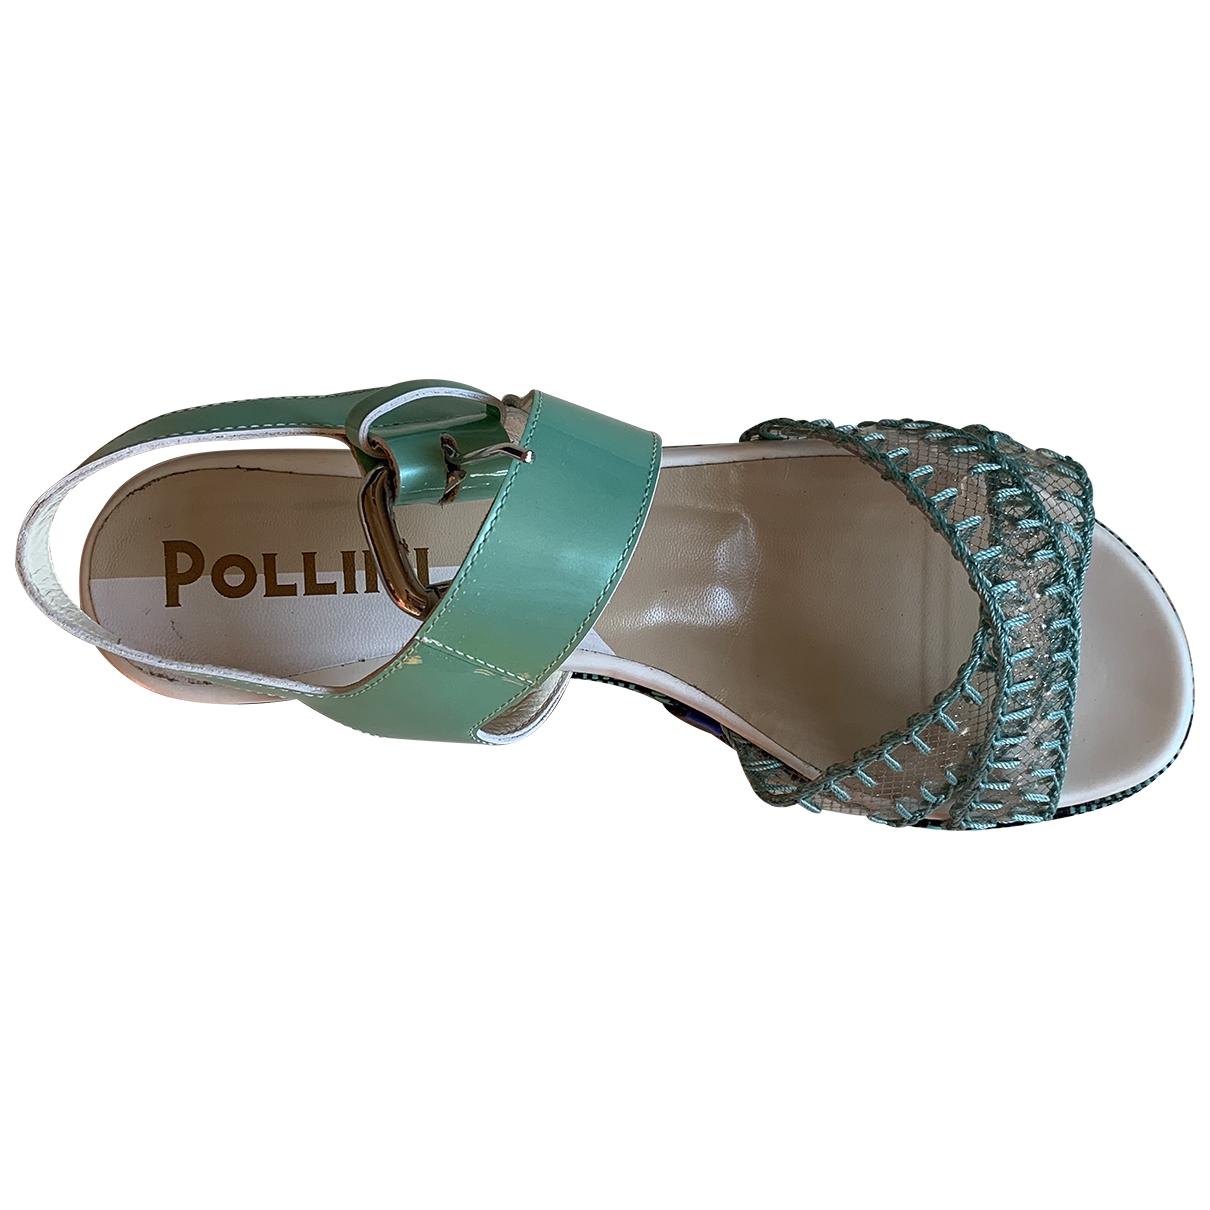 Pollini - Sandales   pour femme en cuir - turquoise